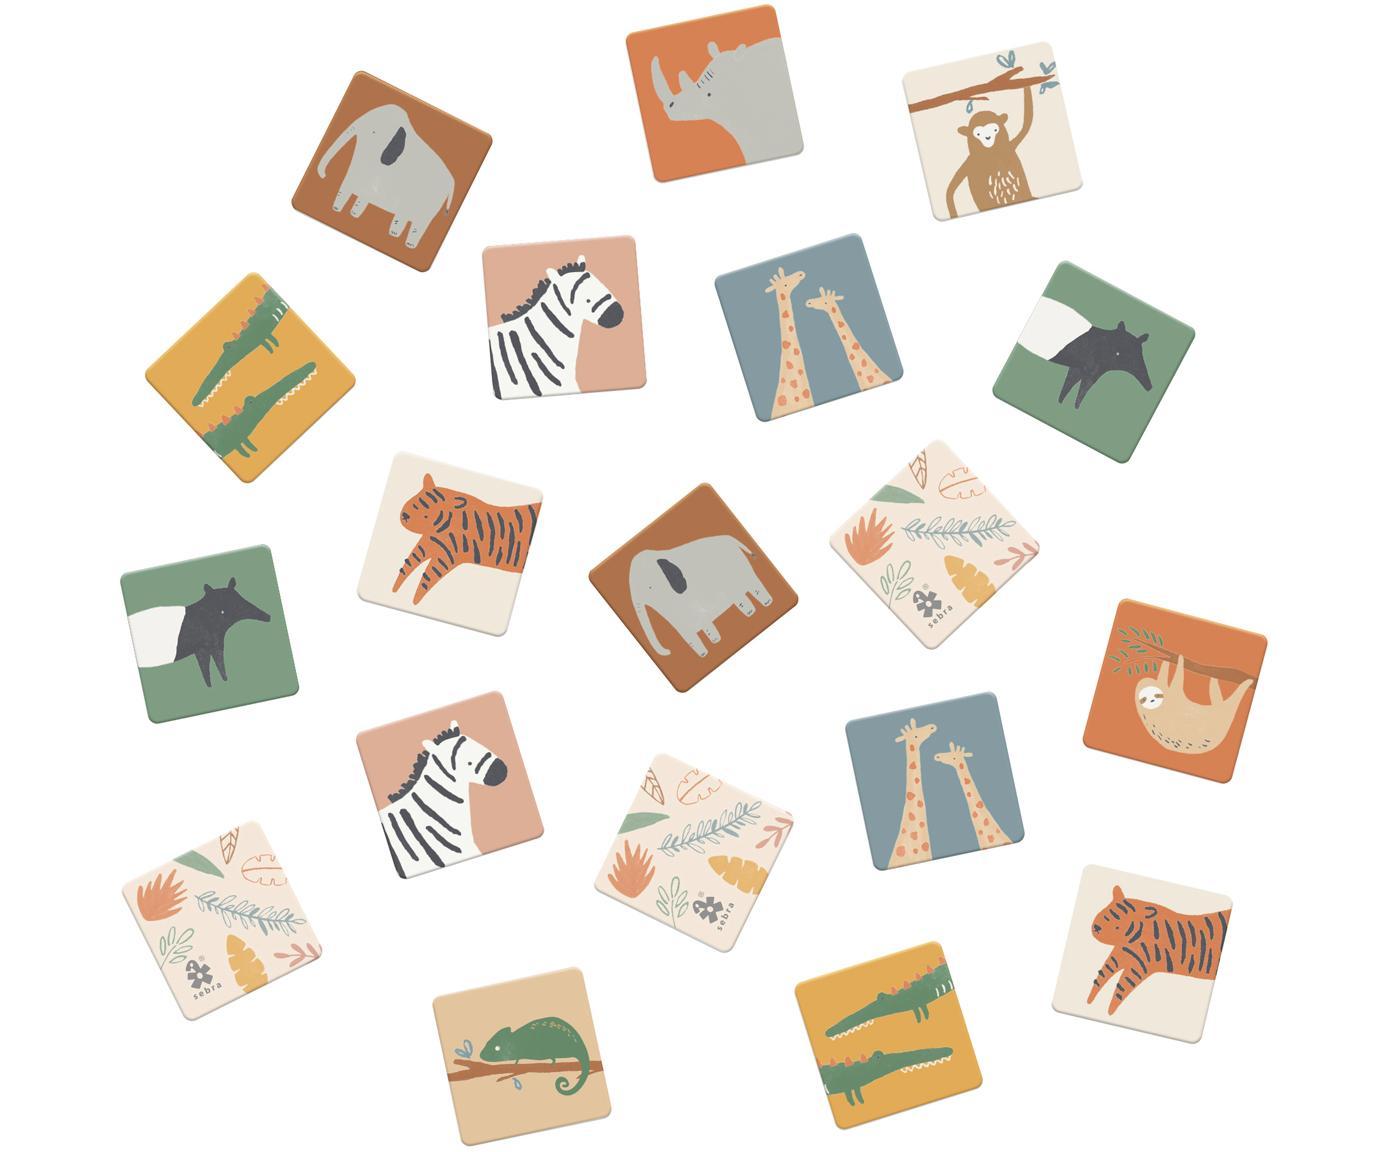 Juego memory Wildlife, 30pzas., Cartón resistente, Multicolor, An 6 x L 6 cm